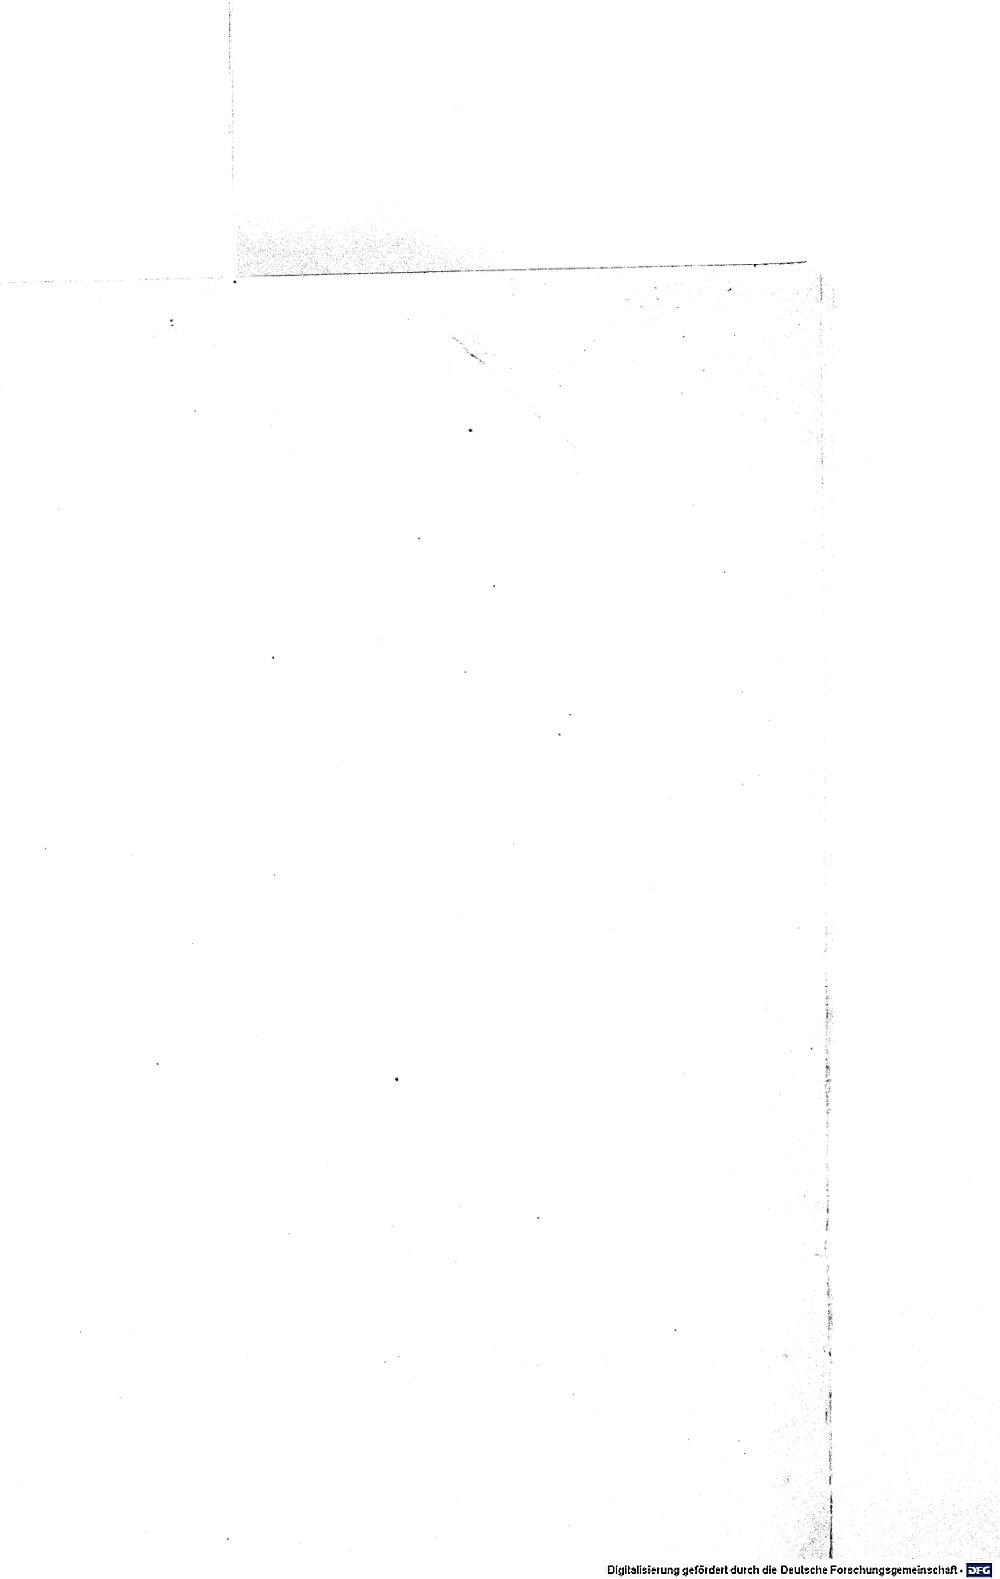 bsb00001190_00001.jpg